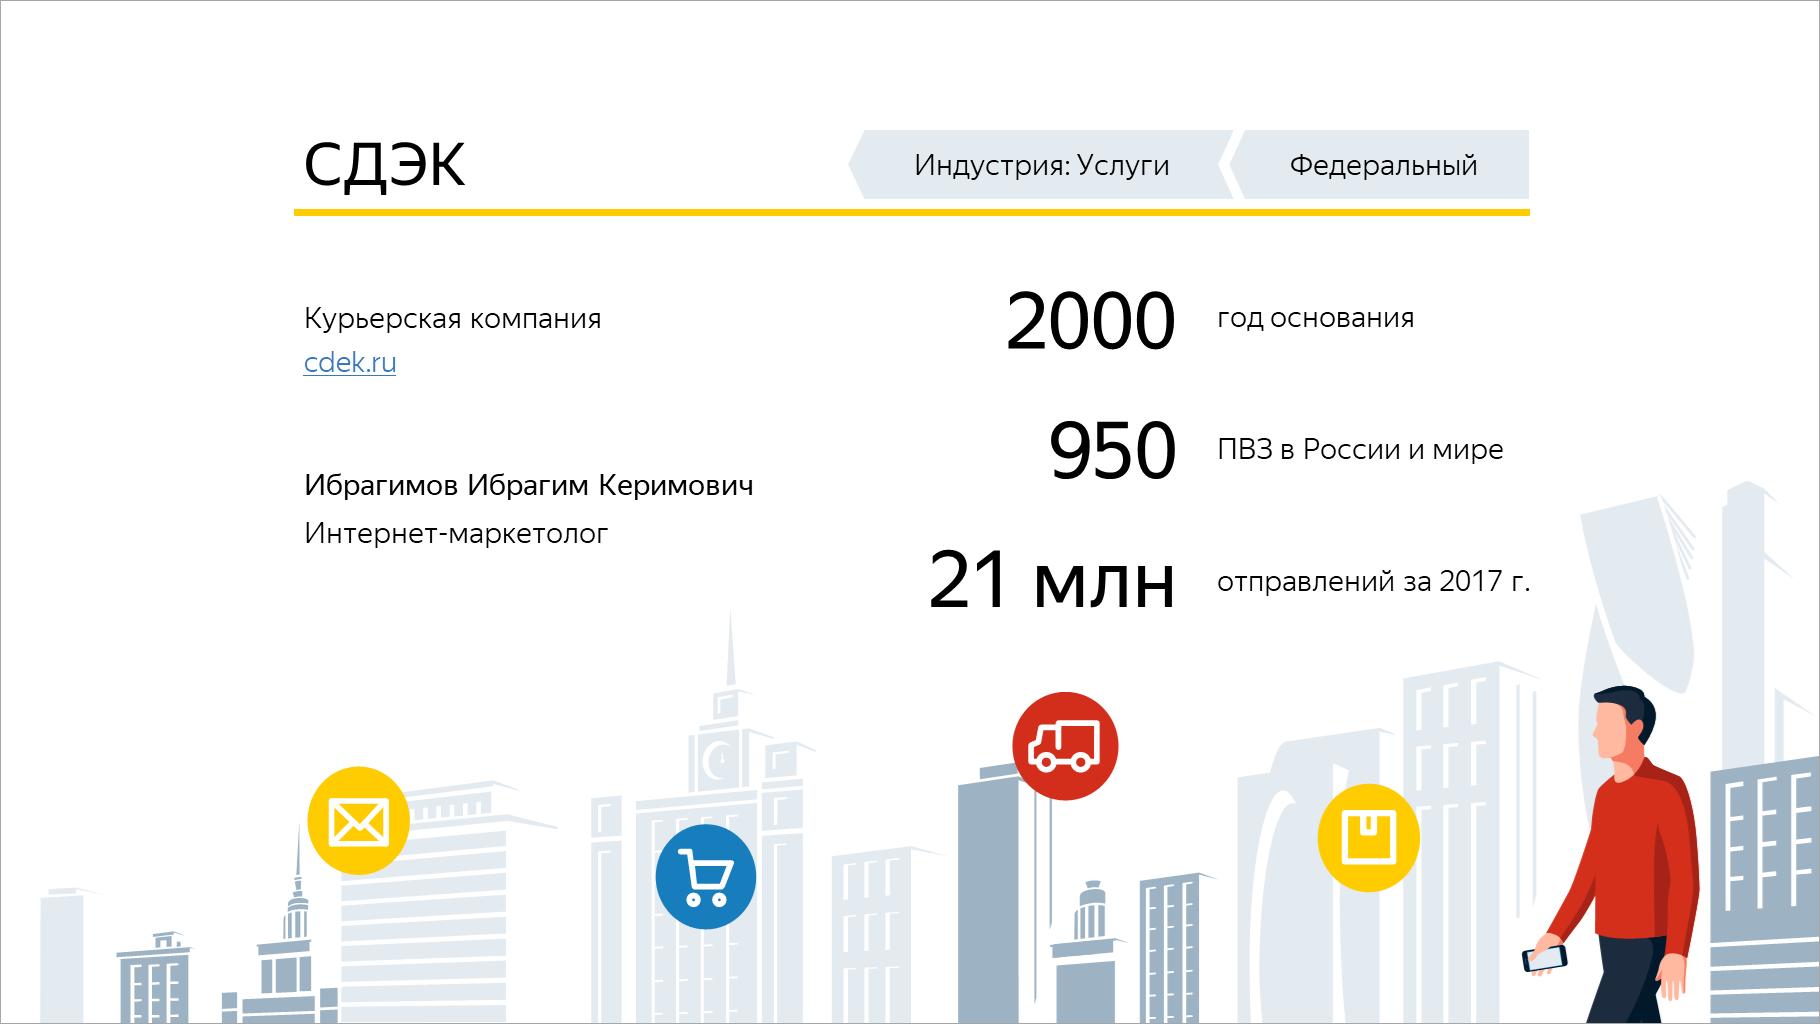 СДЭК Курьерская компания. 140 тысяч показов новой аудитории